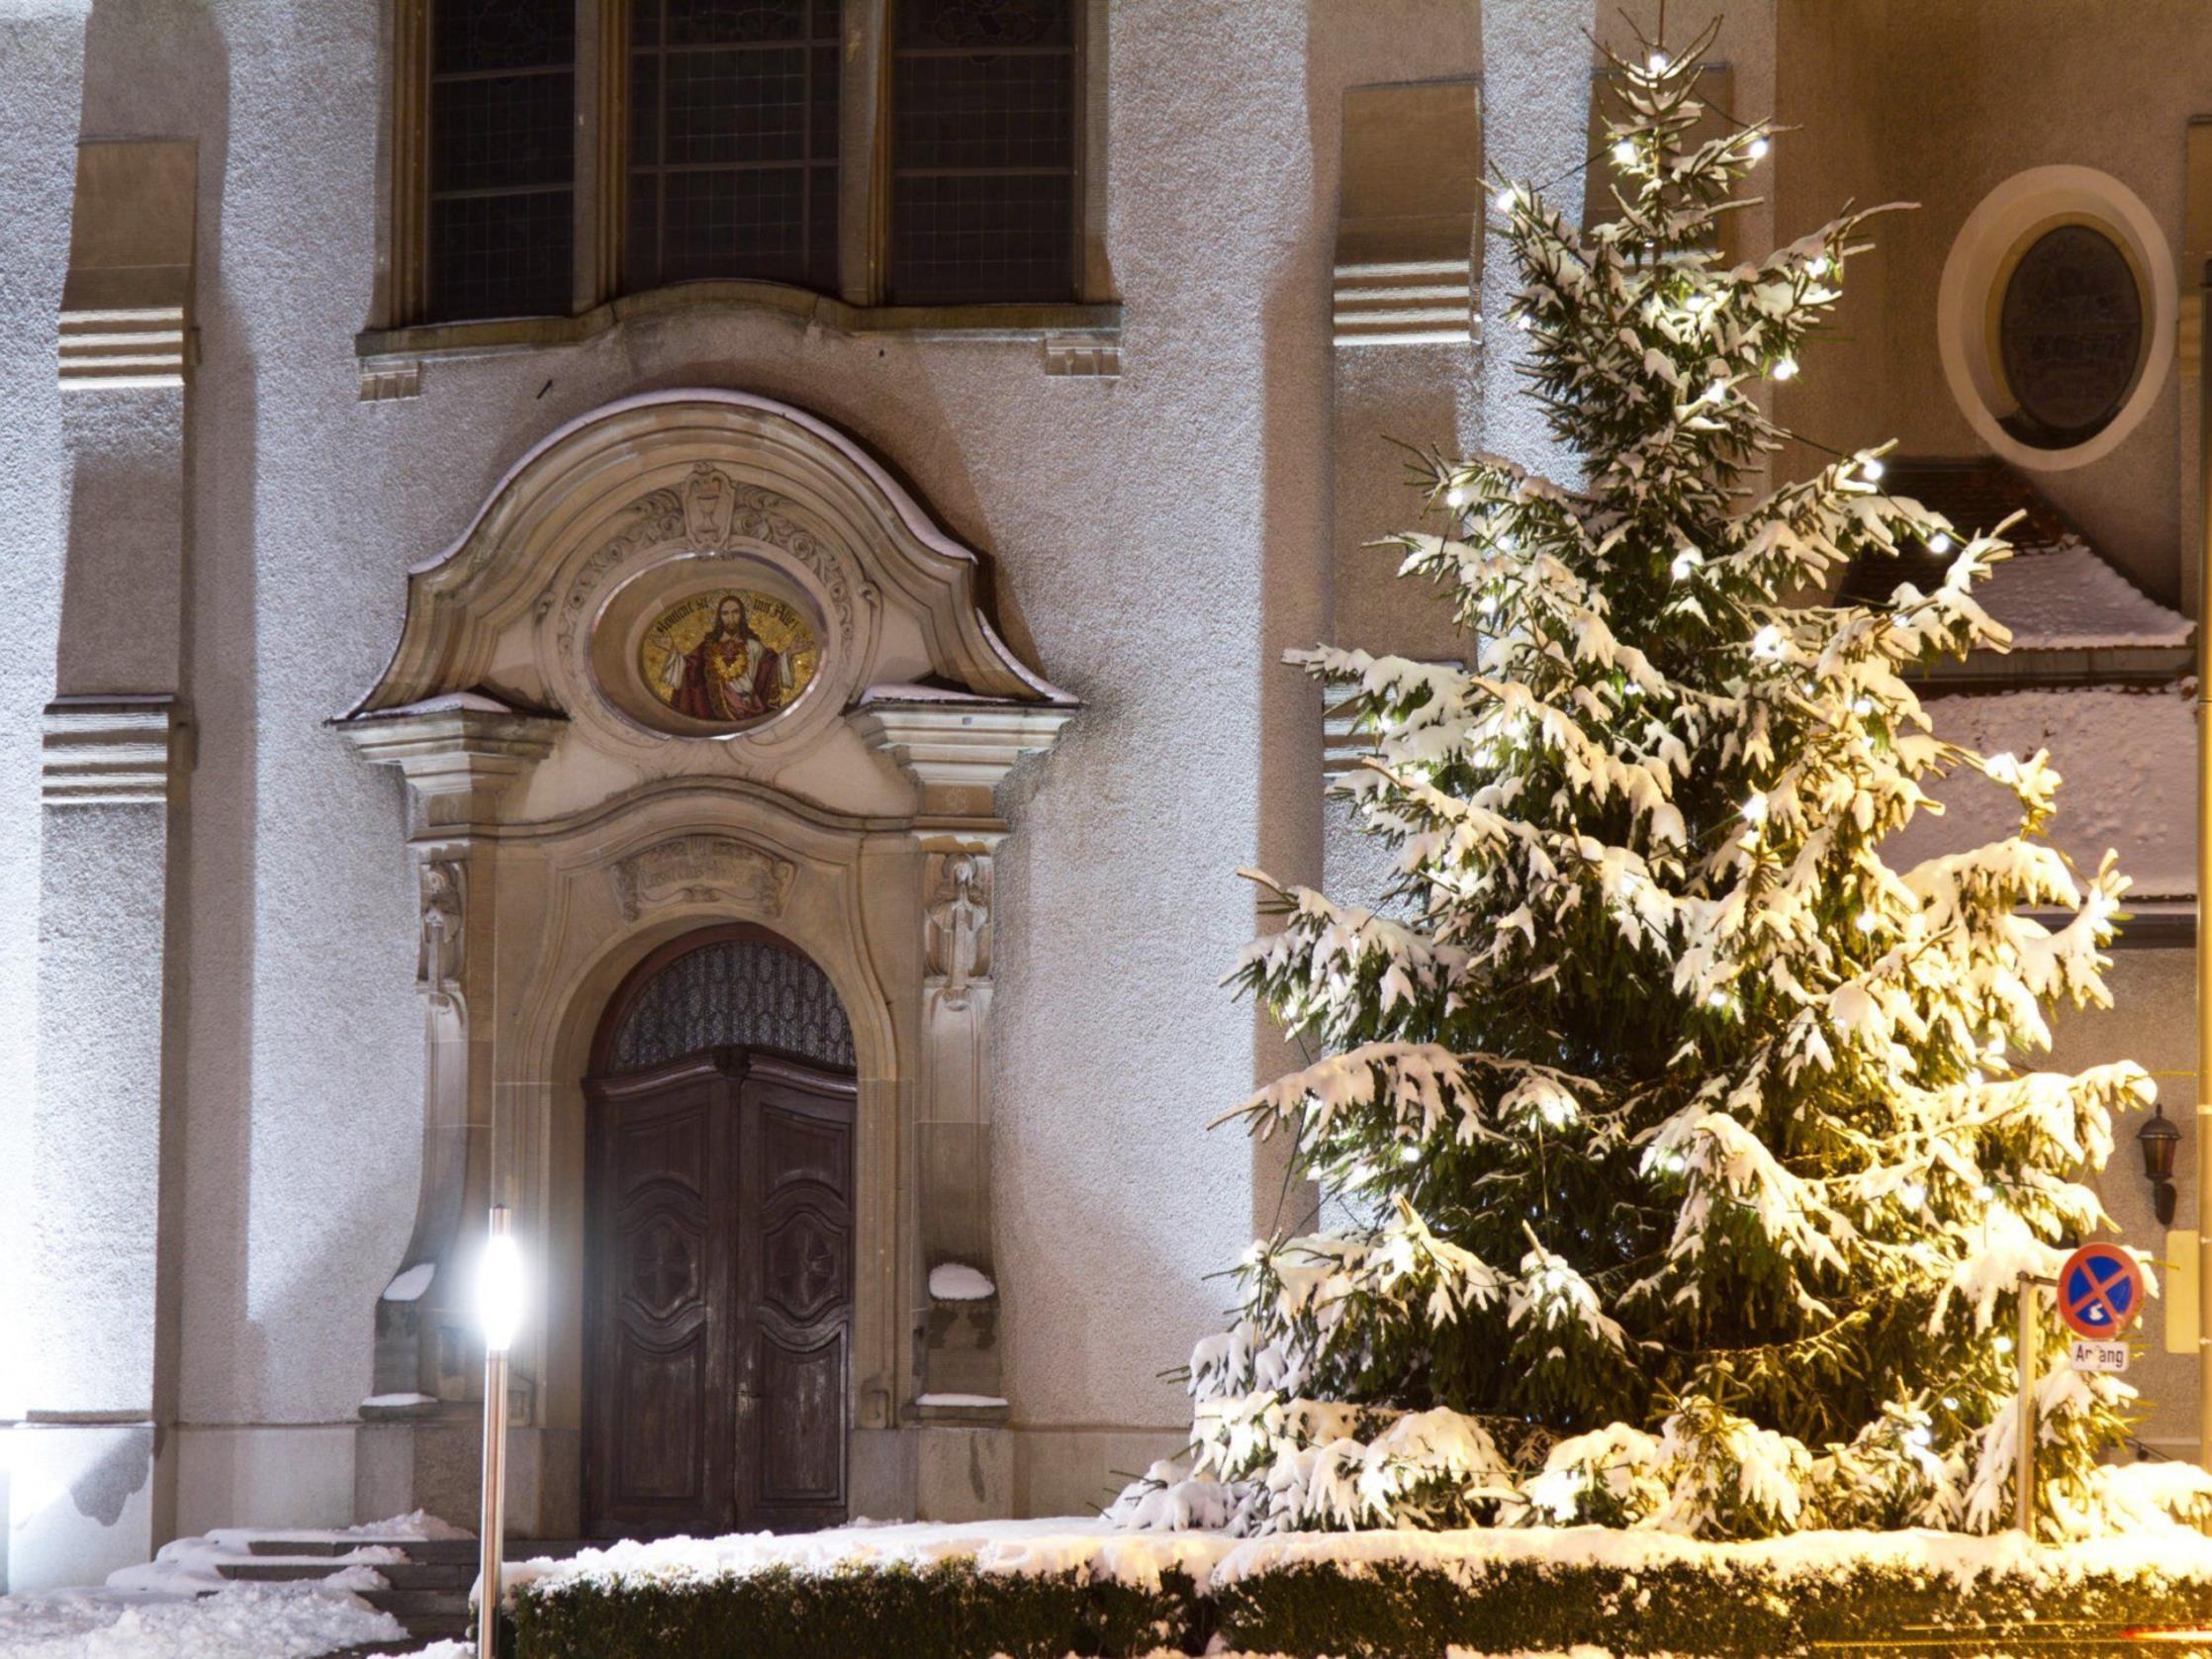 Gemeinsames Adventkonzert am 11. Detzember, 18 Uhr, in der Pfarrkirche Höchst.